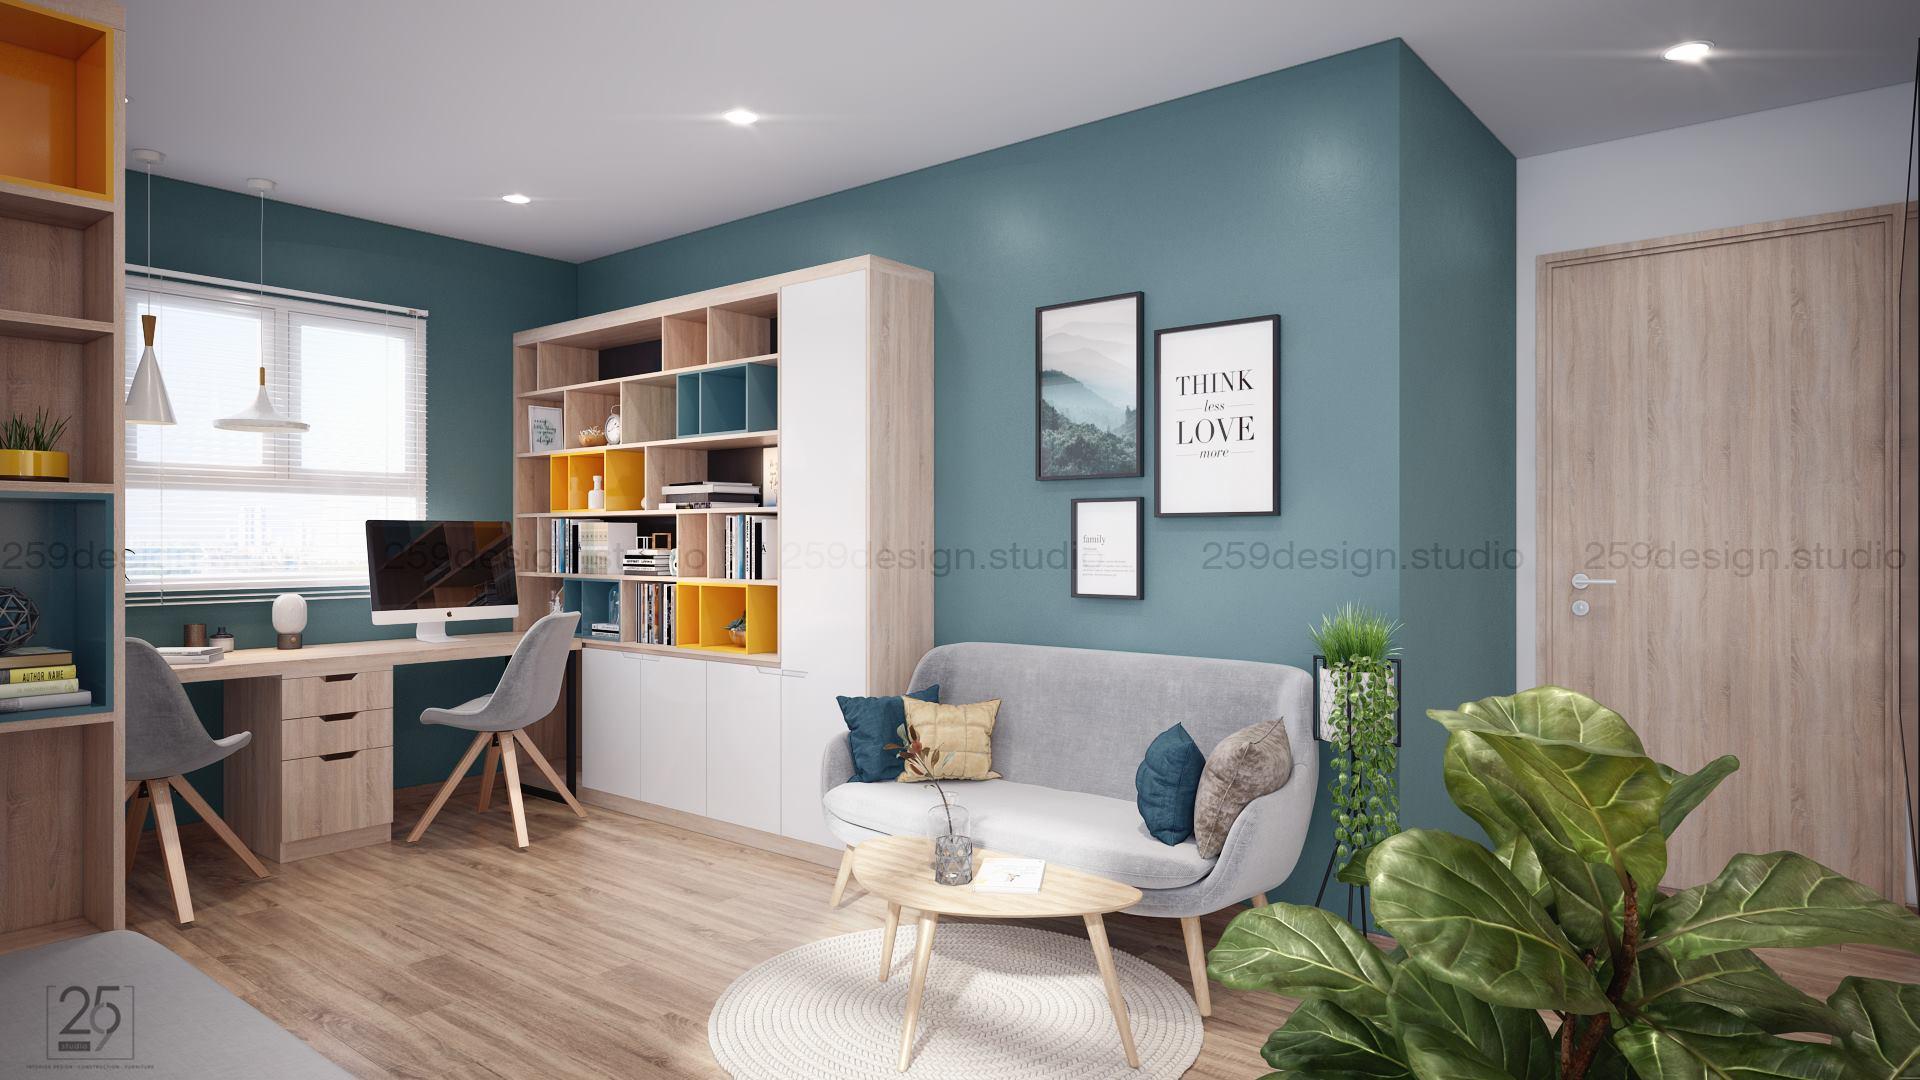 Mẫu thiết kế nội thất căn hộ đẹp với điểm nhấn màu pastel - Nhà Đẹp Số (11)